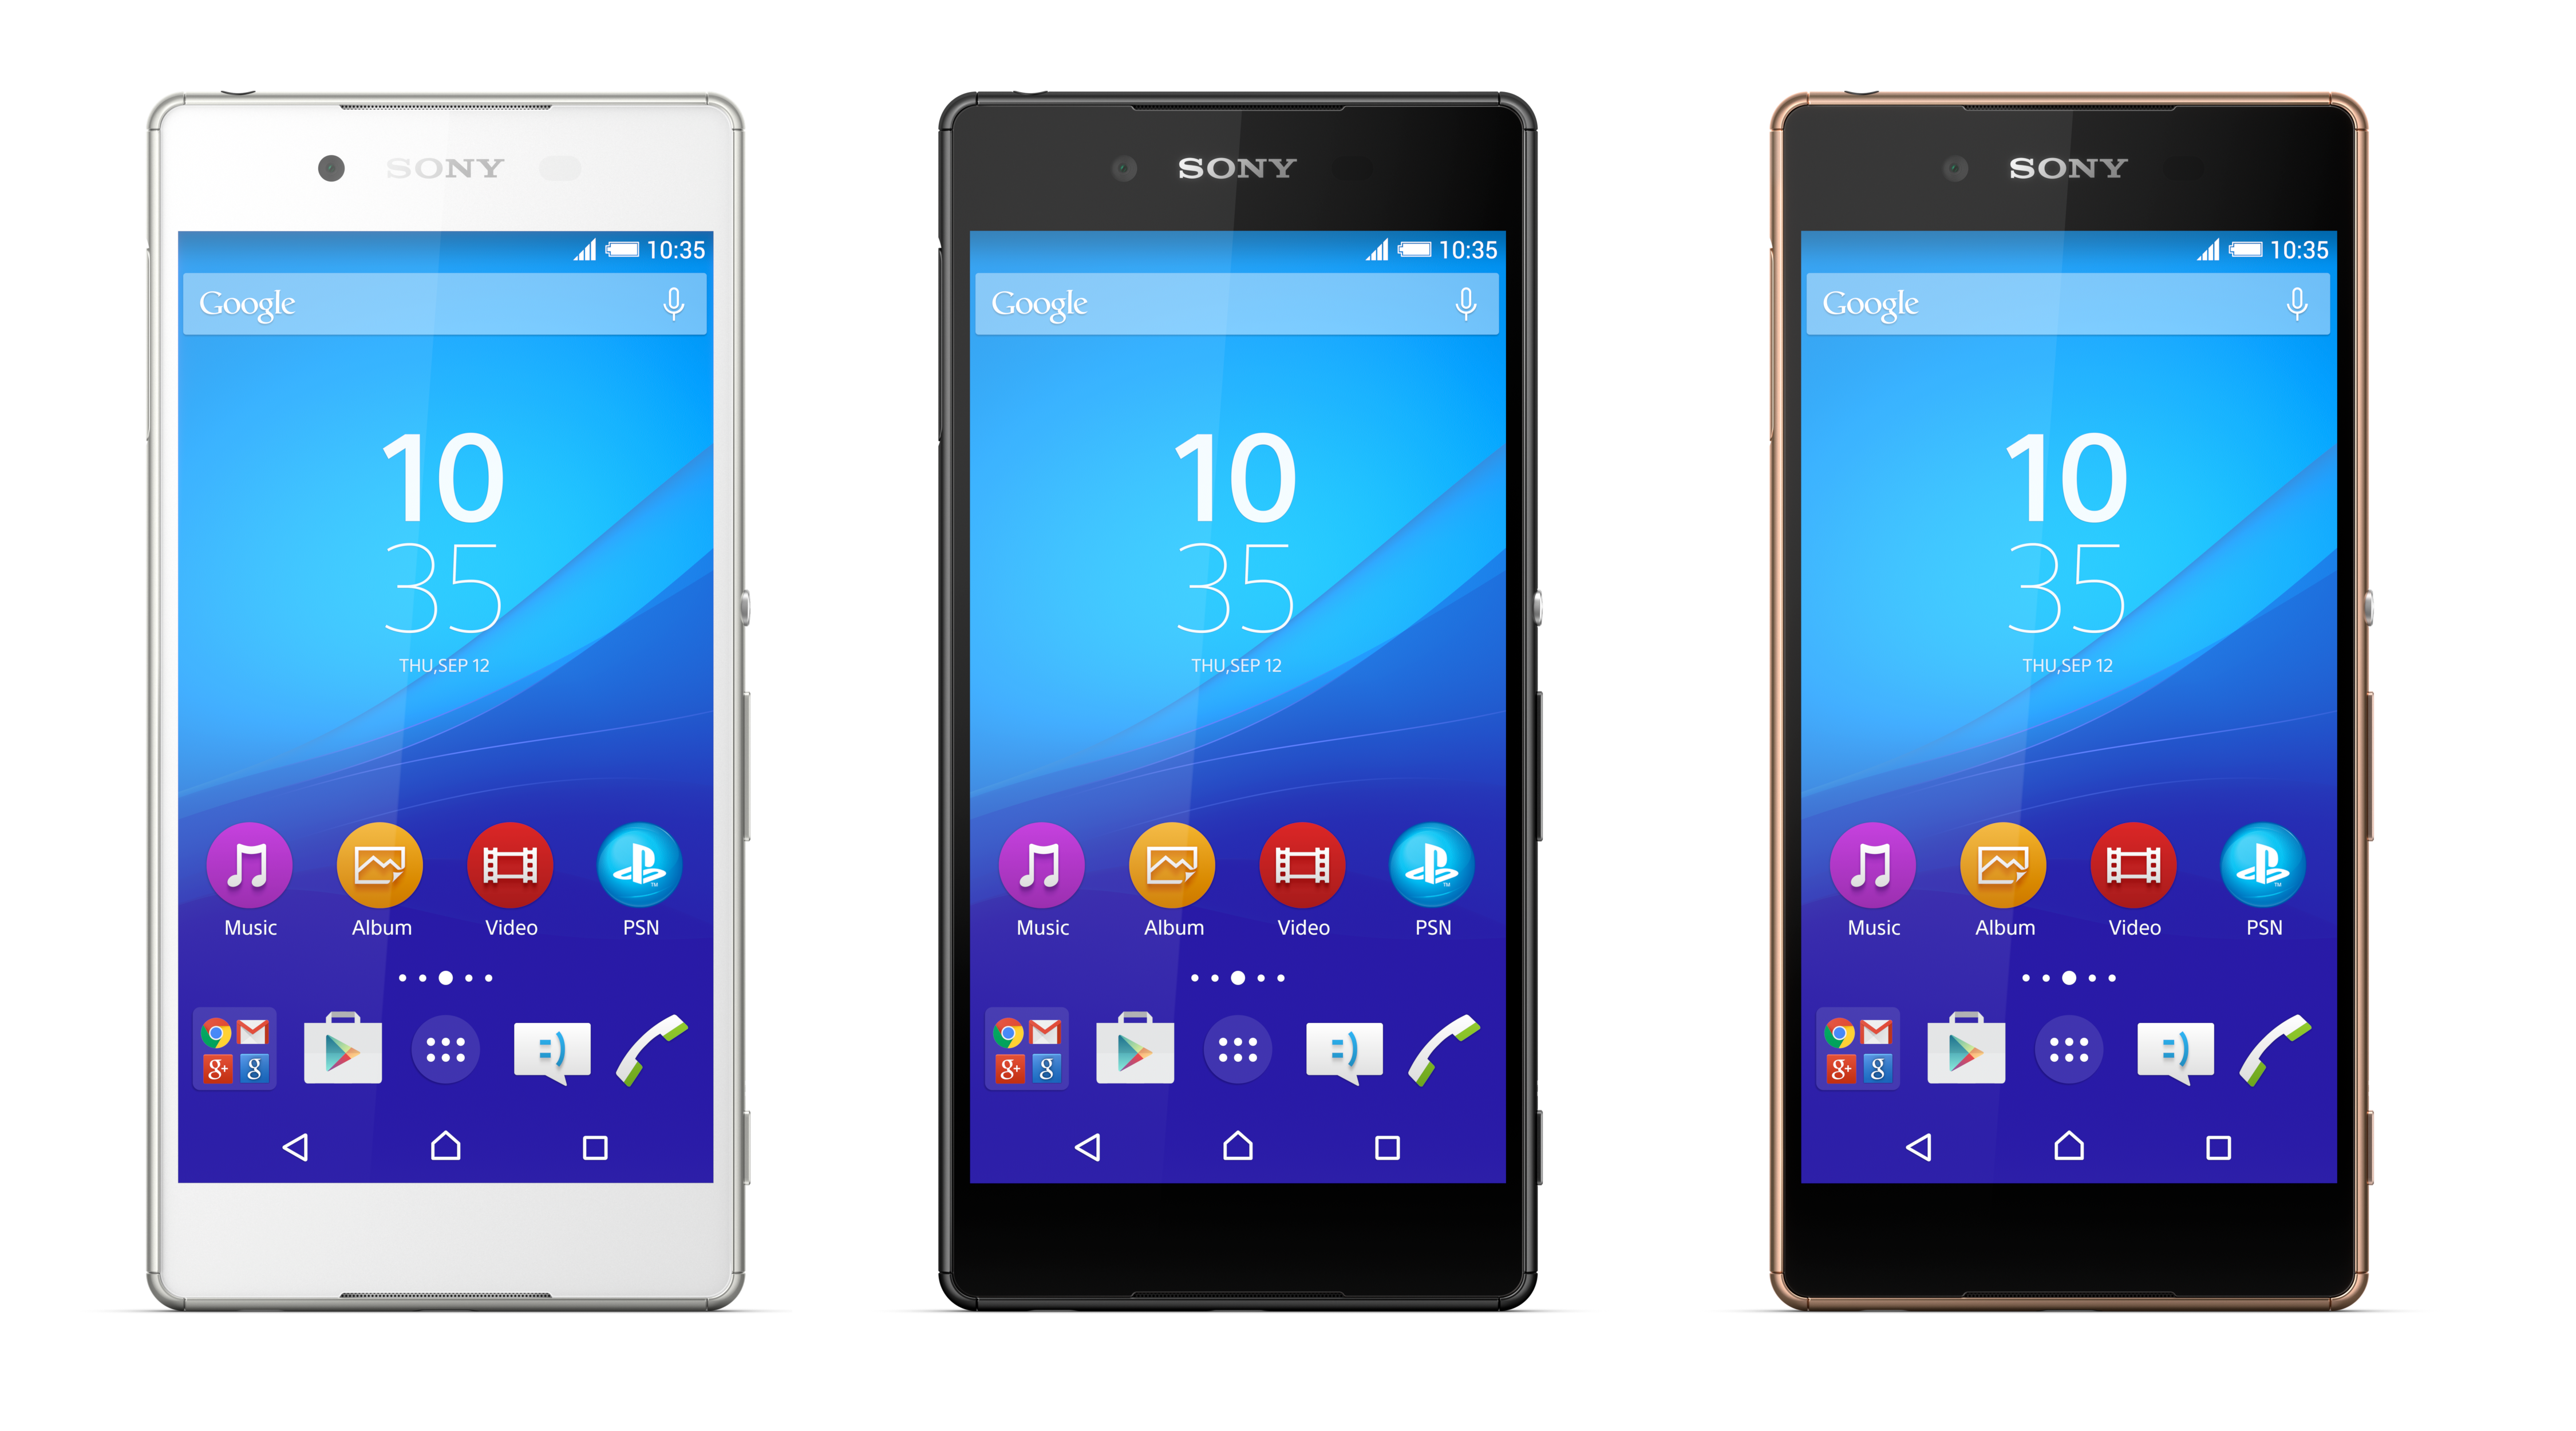 Le Sony Xperia Z4 est officiel : voici ses caractéristiques